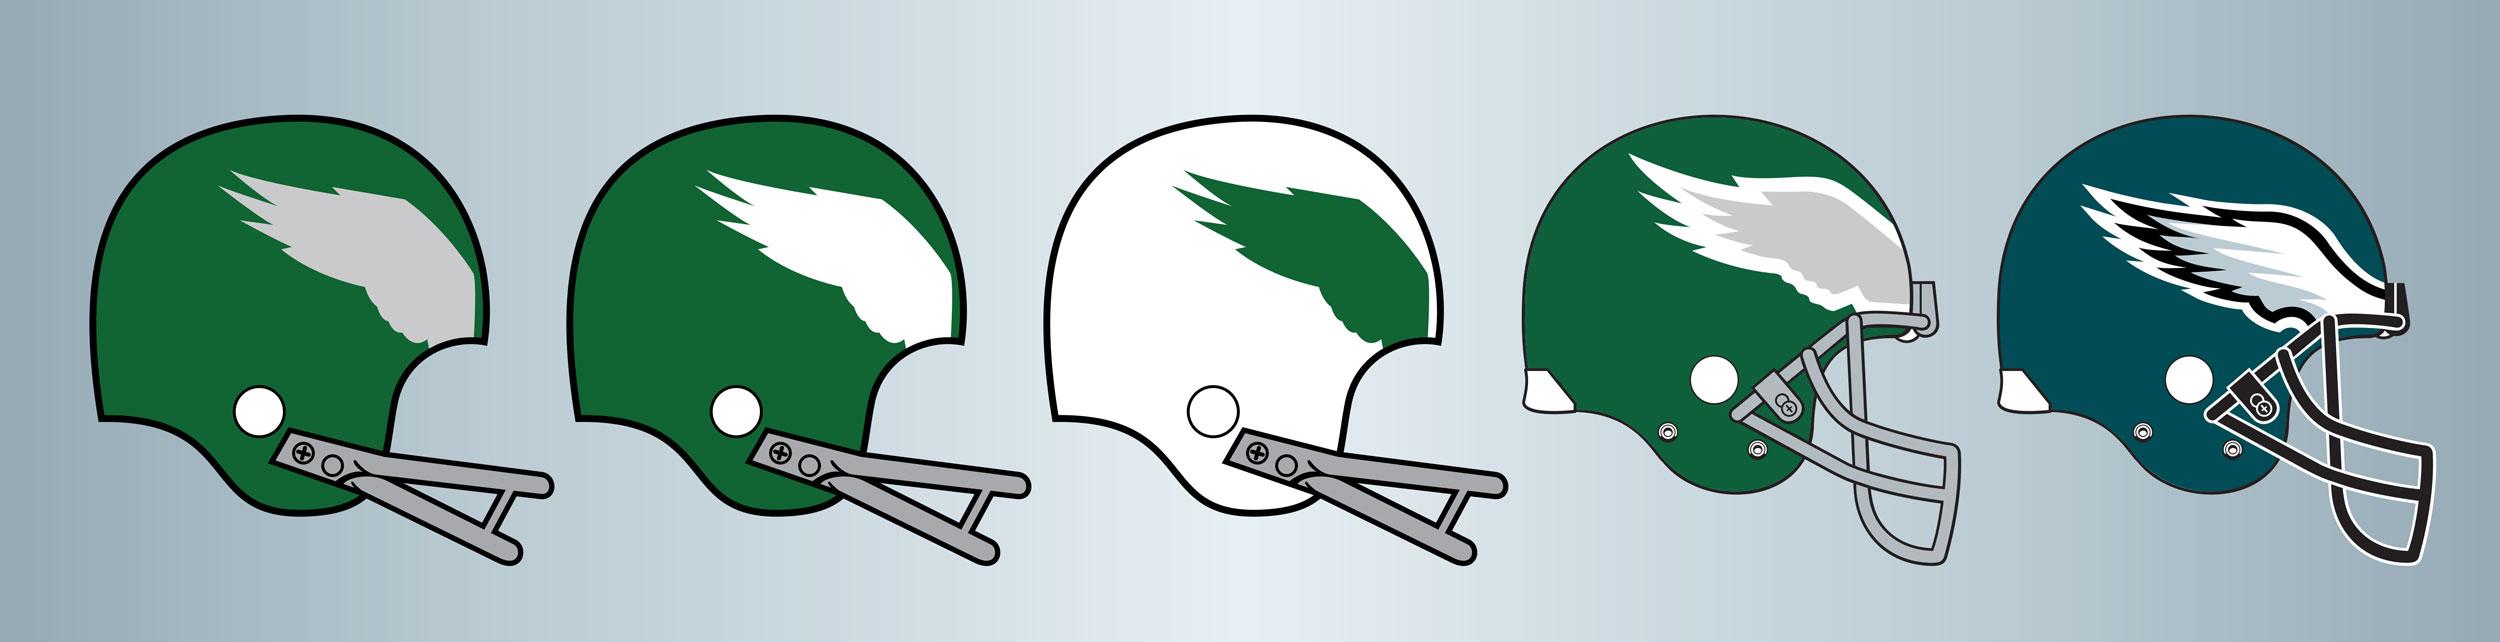 Philadelphia-Eagles-hemets.jpg